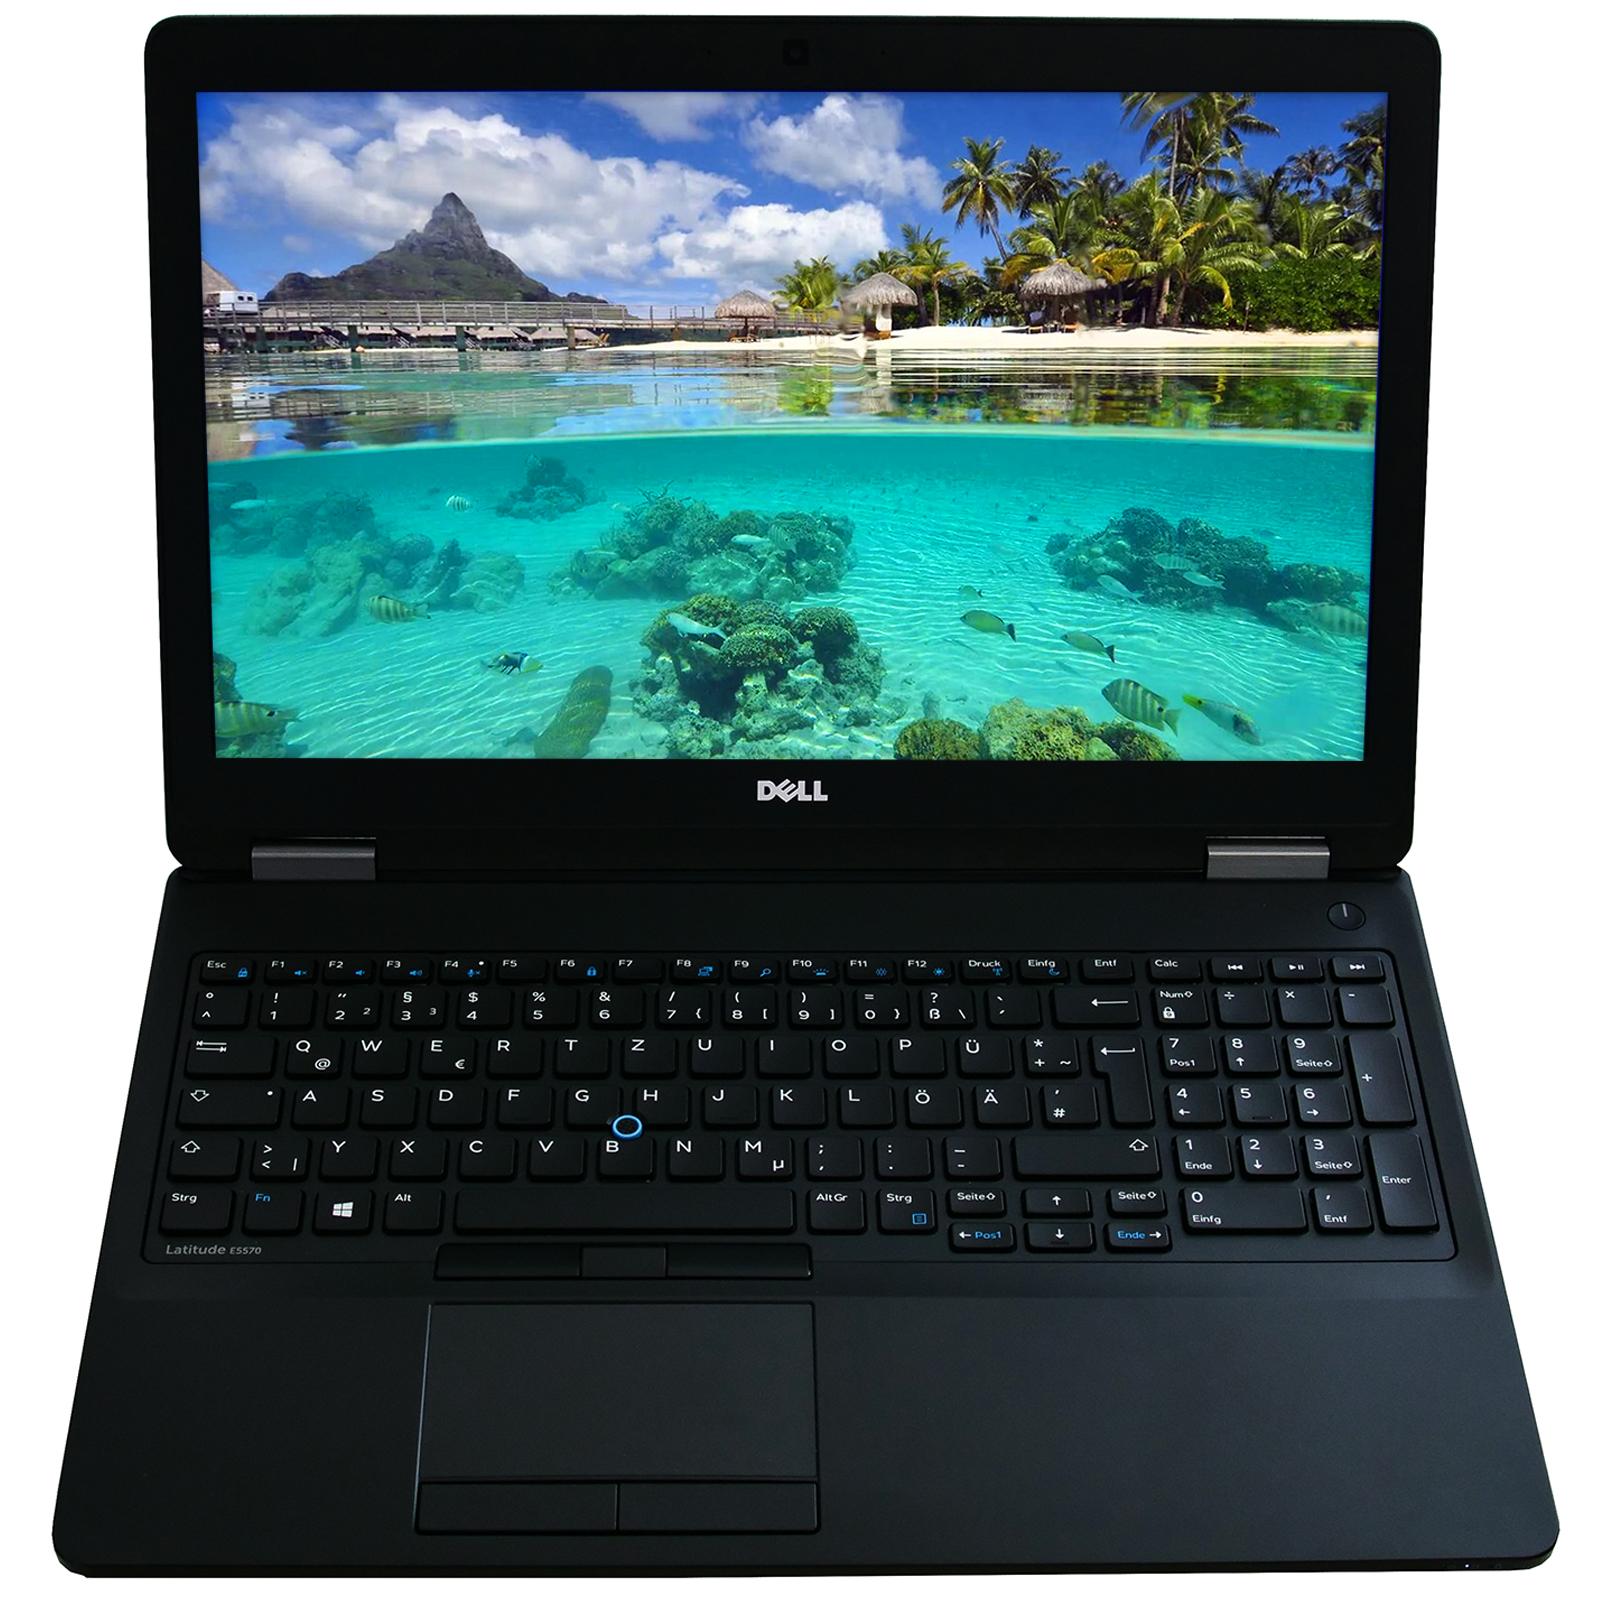 dell i7 notebook 16gb ram gebrauchtes laptop günstig kaufen